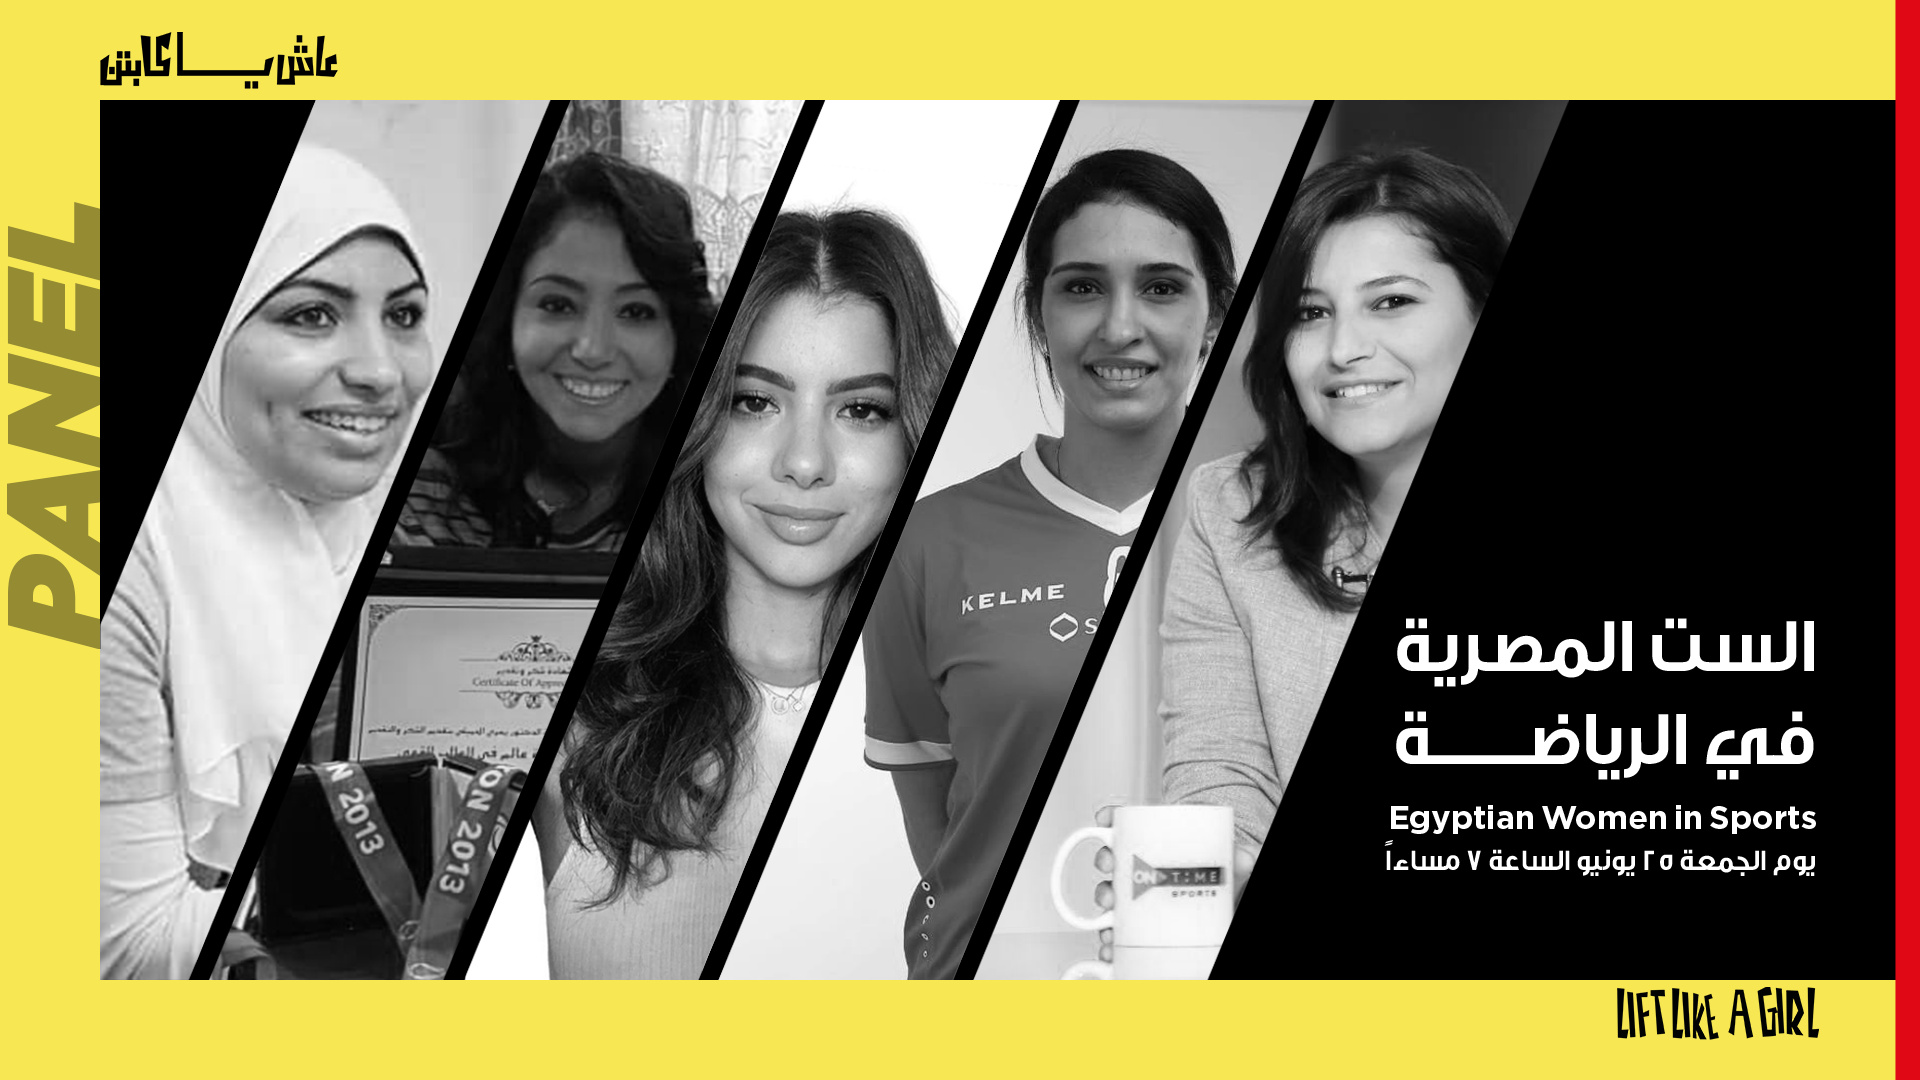 Egyptian Women in Sport